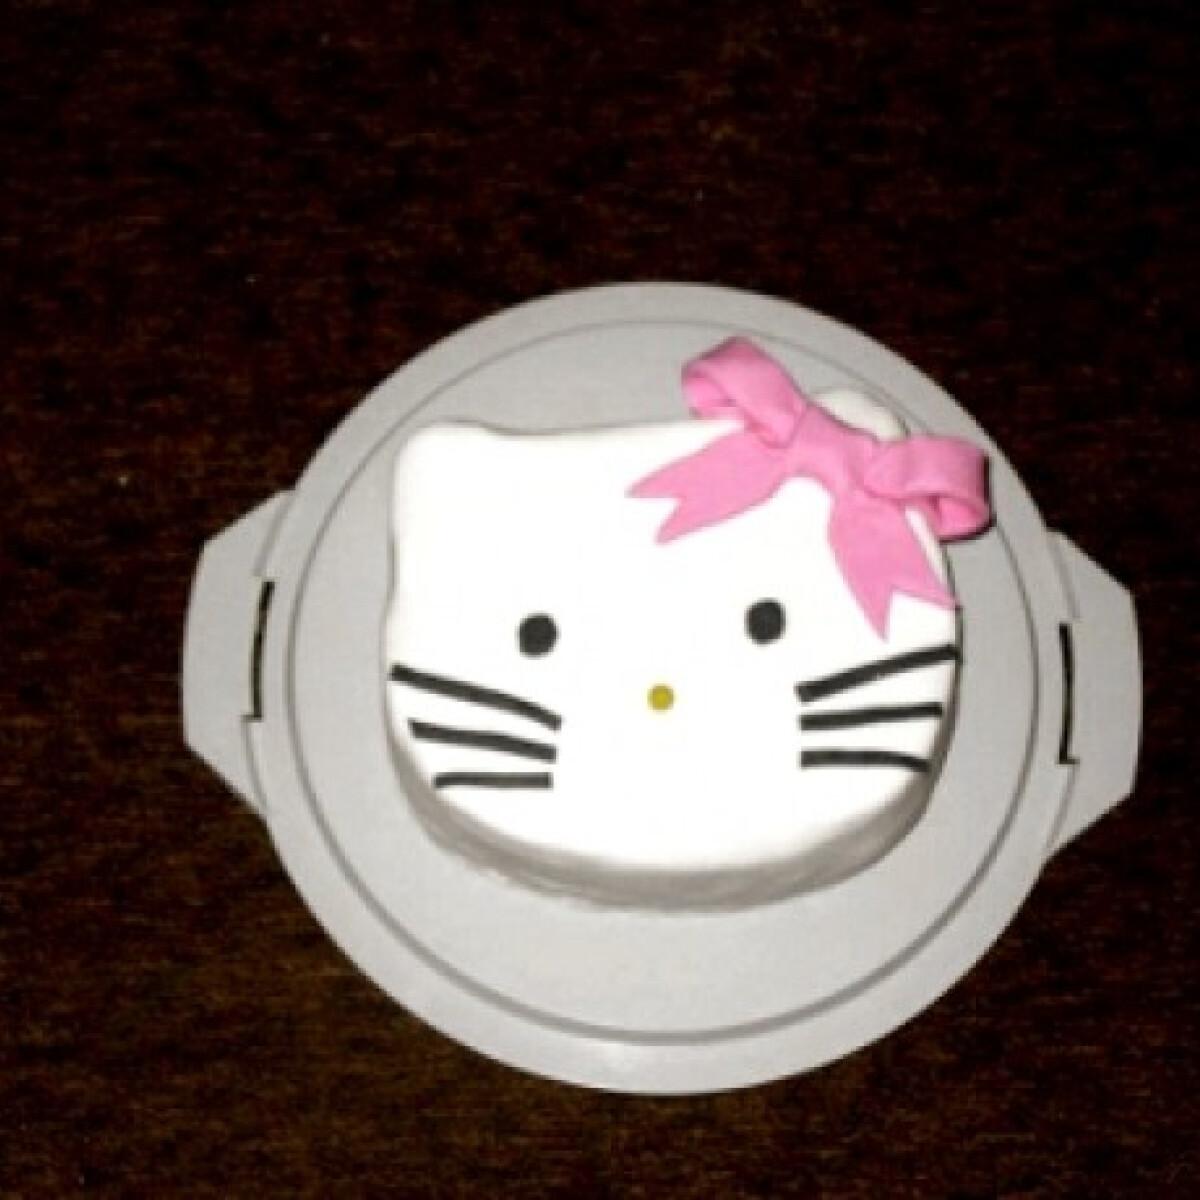 Ezen a képen: Hello Kitty torta Anessz konyhájából